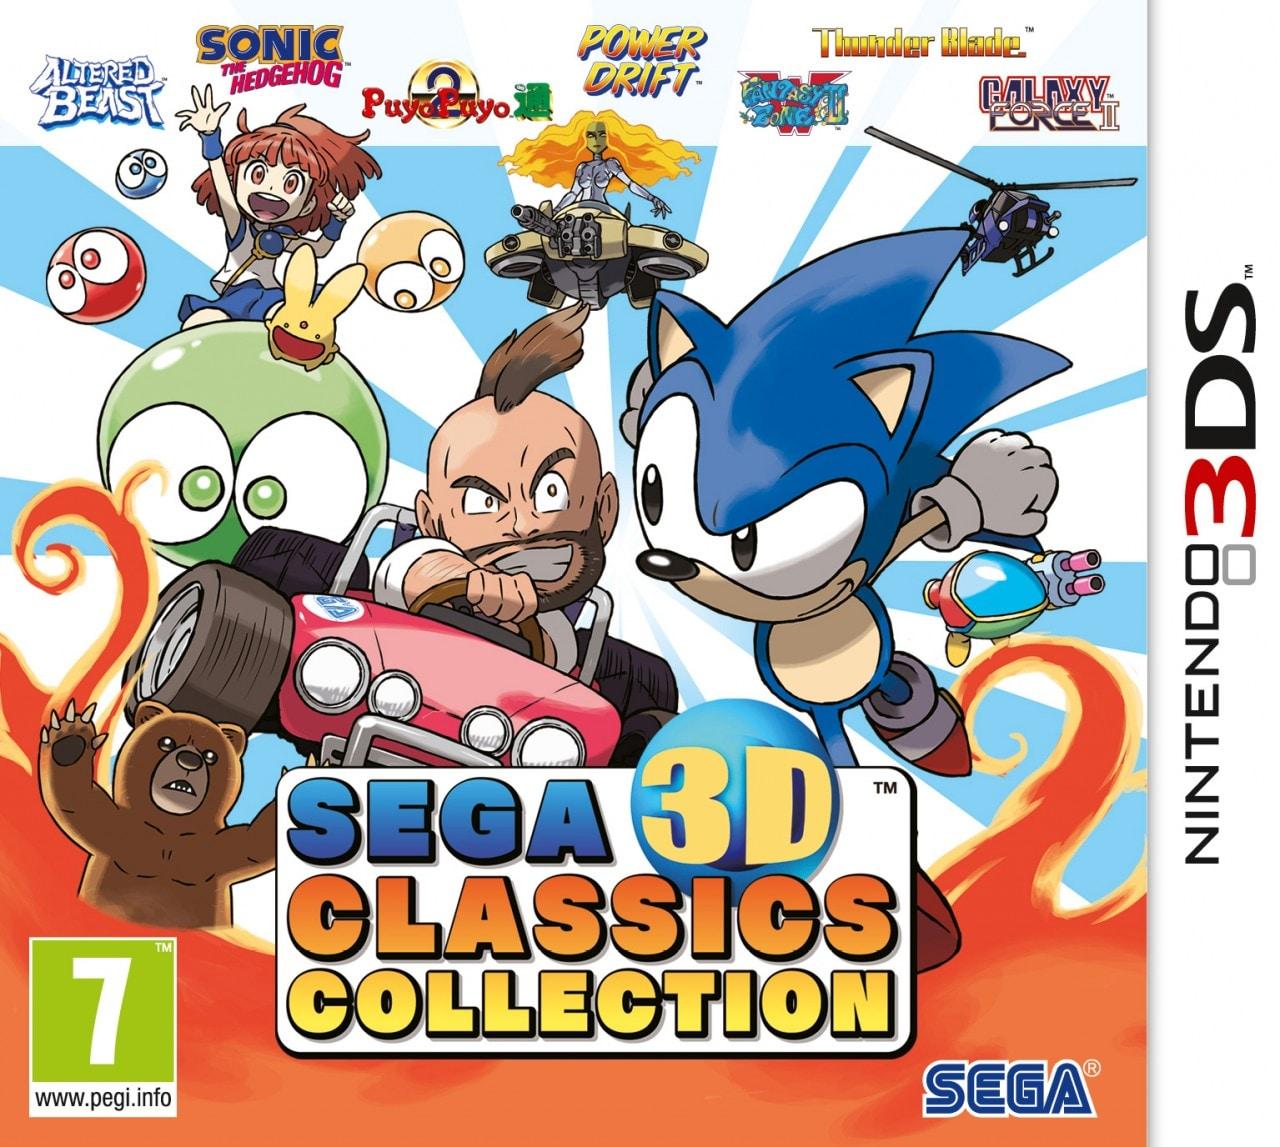 SEGA 3D Classics Collection arriverà anche in Italia. Uscita fissata a novembre (foto)